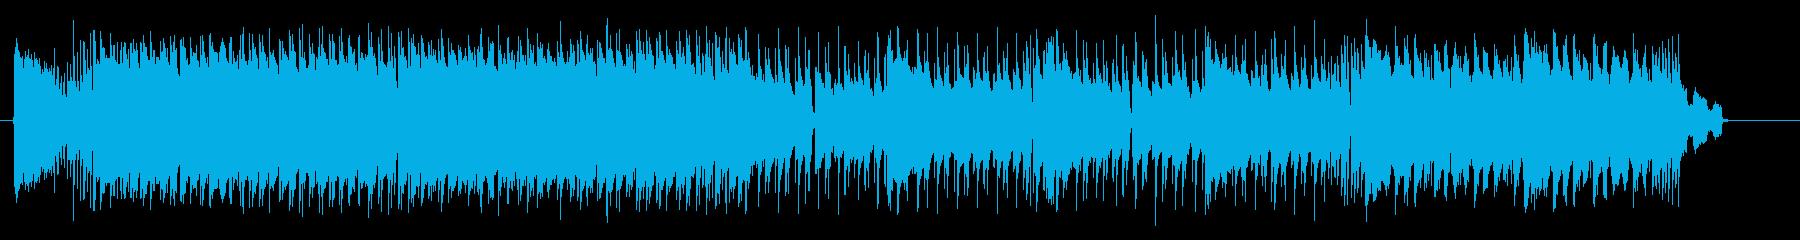 ダイナミックでクールなロックサウンドの再生済みの波形